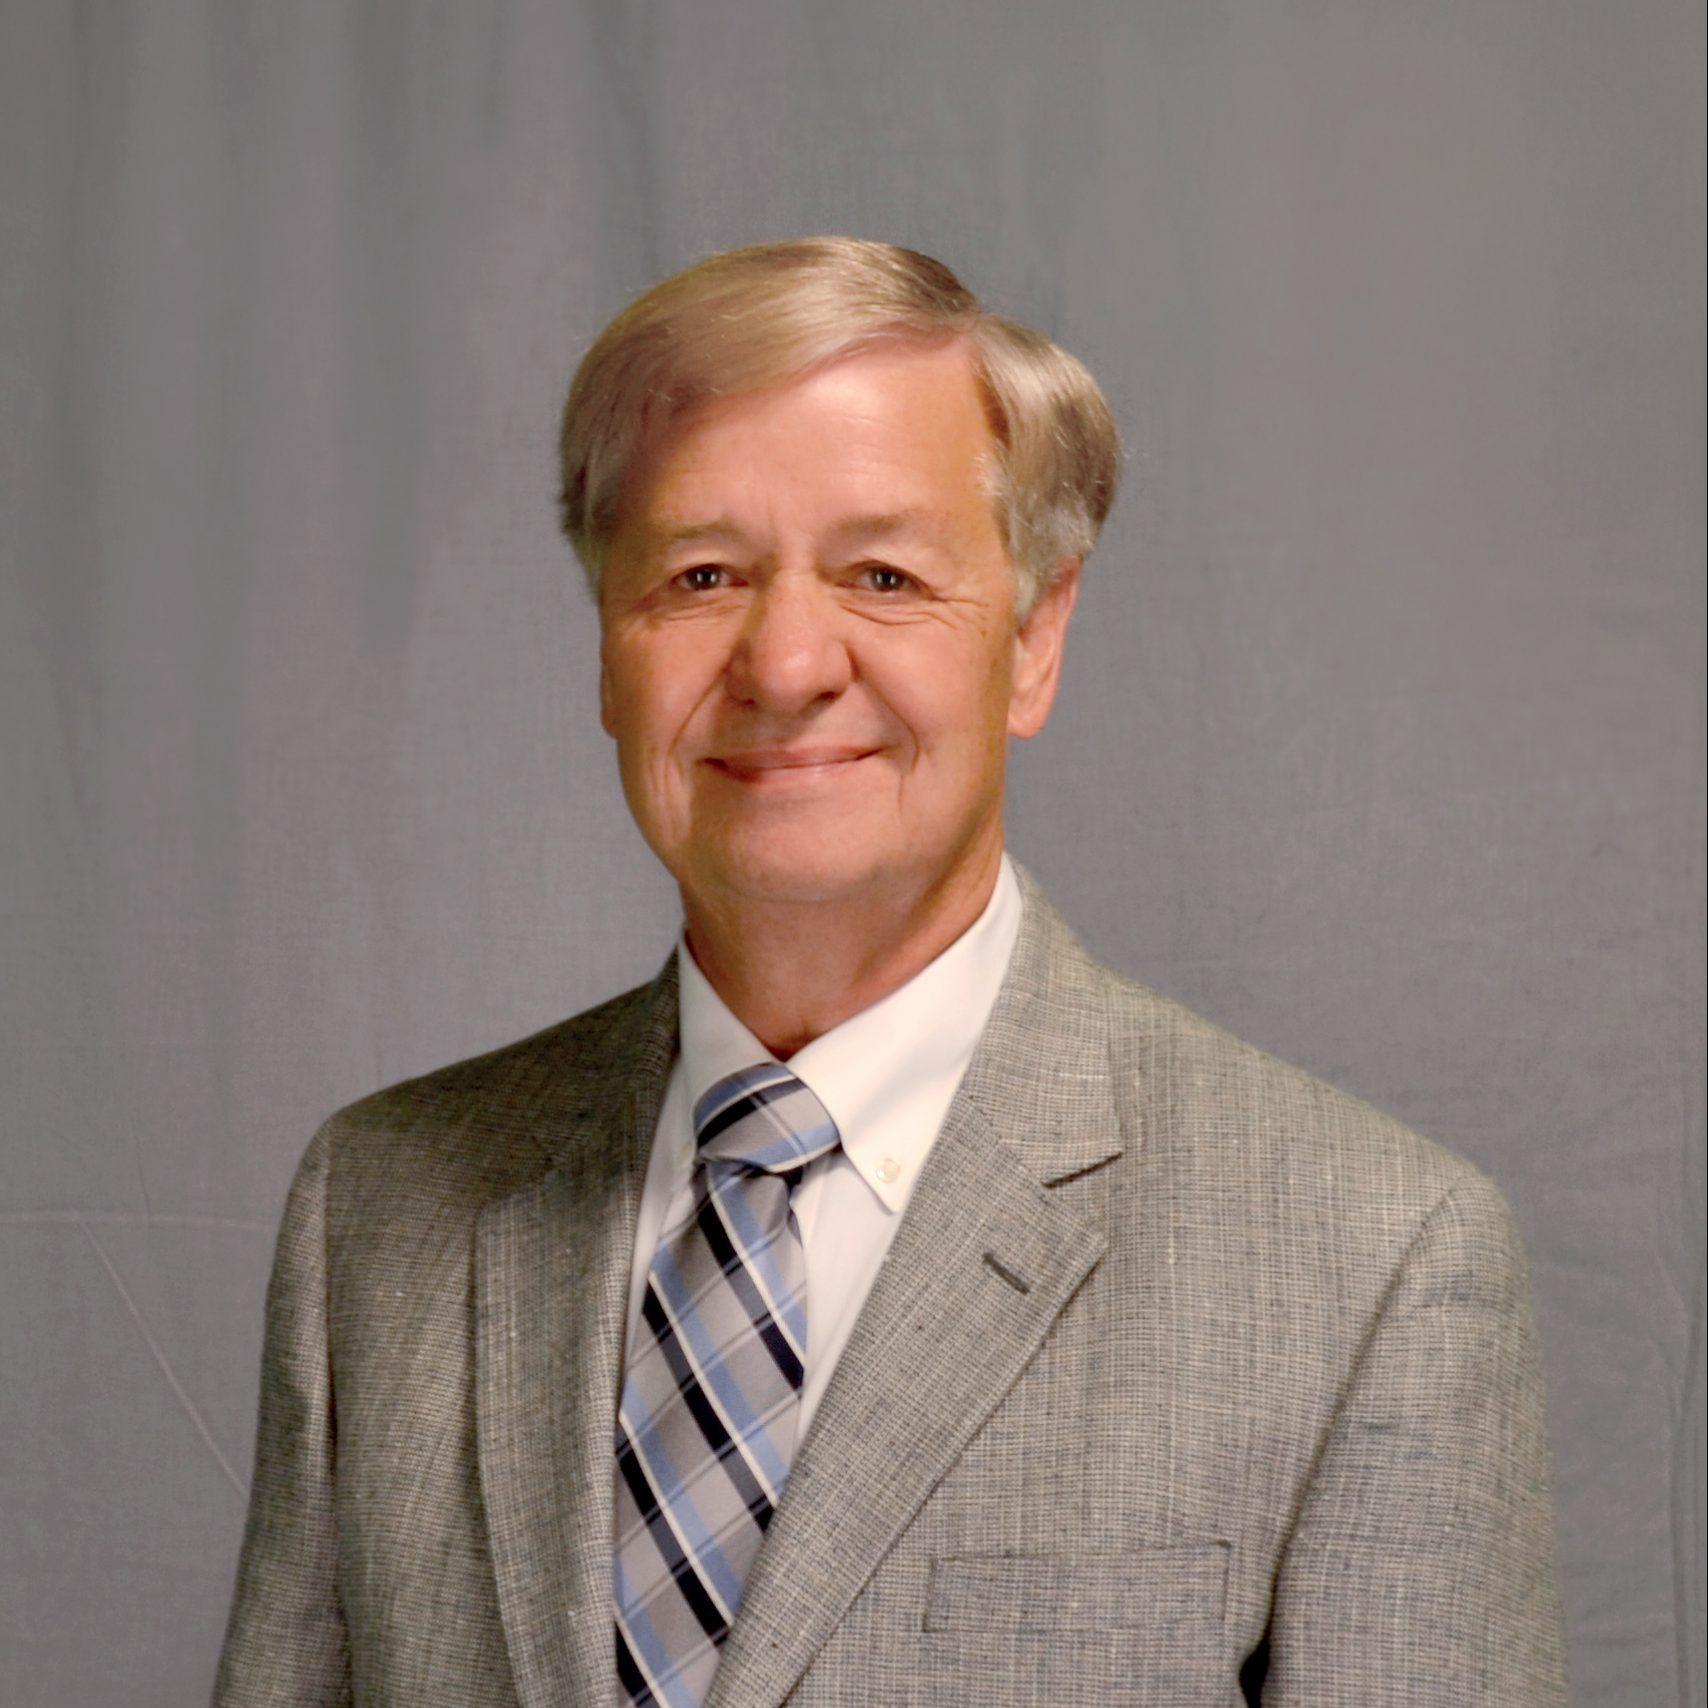 Randall C. Haase, P.E., LEED AP